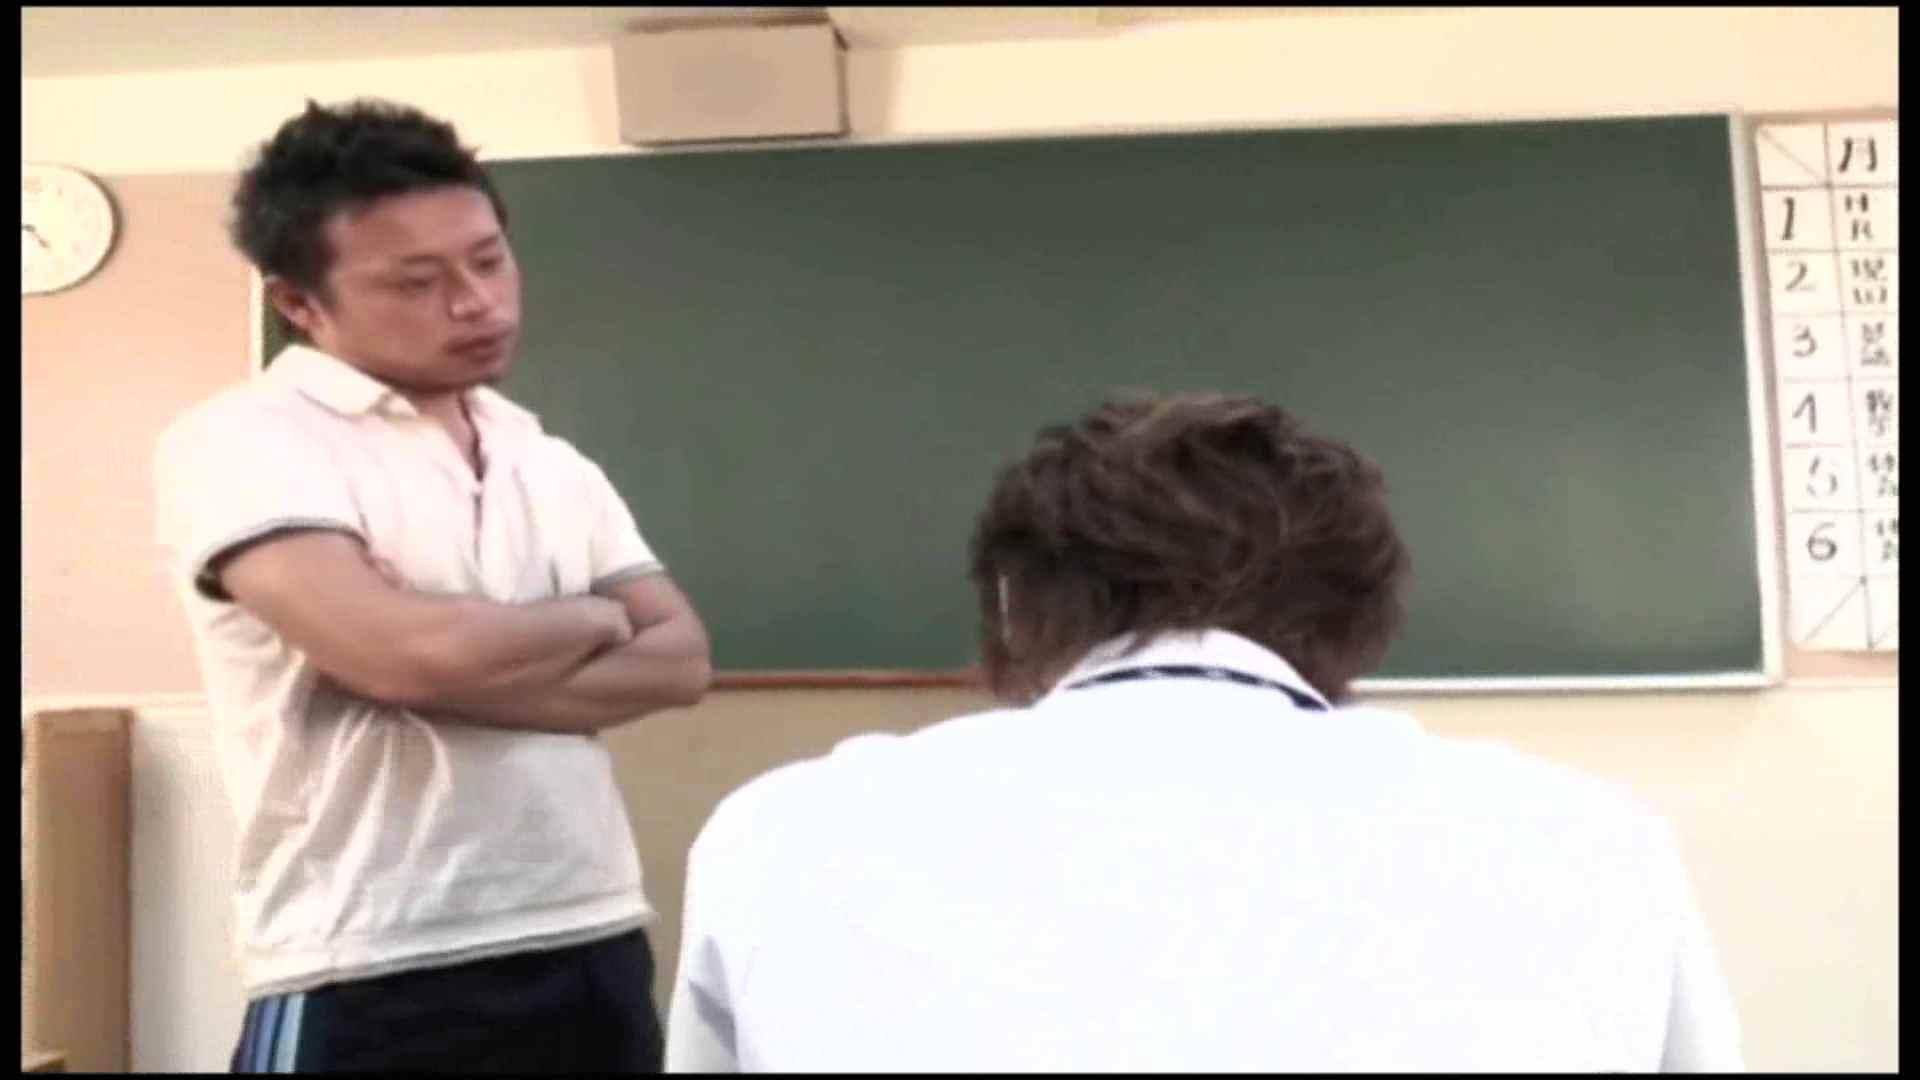 専門学校にて居残り授業の更に居残り授業 前編 フェラ男子 おちんちん画像 22連発 2